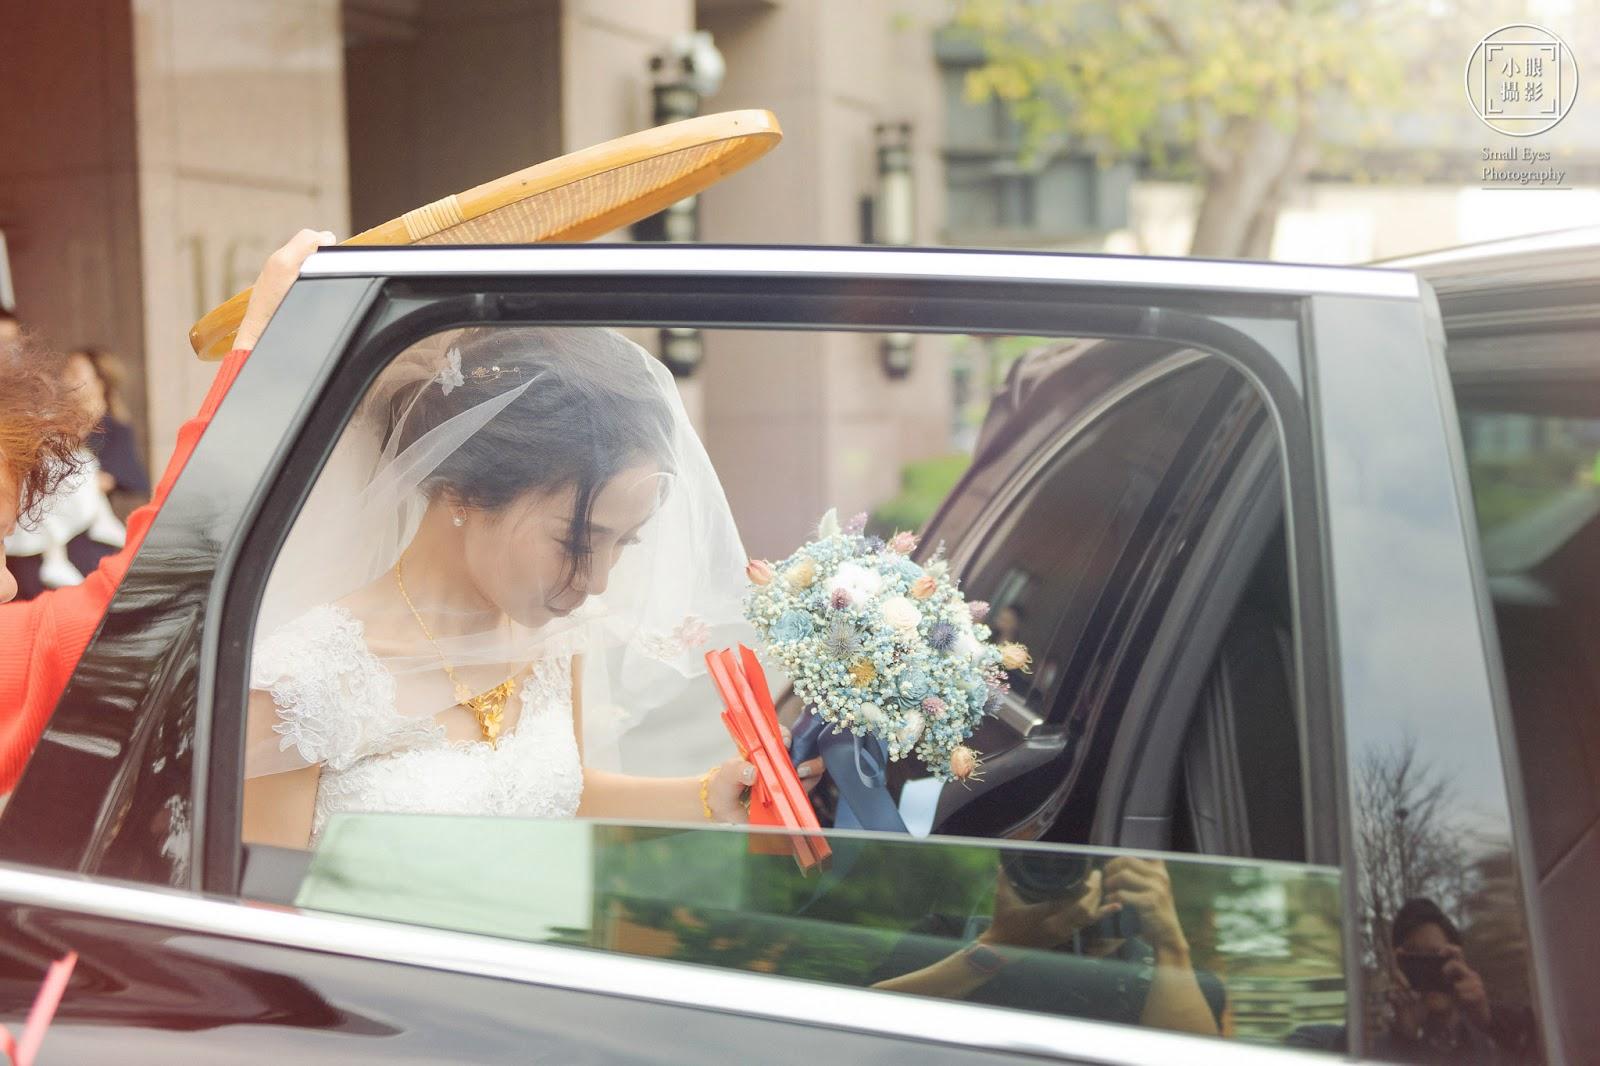 小眼, 小眼攝影, 台北, 婚禮, 訂婚, 定婚, 文定, 文訂, 迎娶, 婚禮紀實, 婚禮紀錄, 婚攝, 推薦, 傅祐承, 凱達大飯店, 凱達飯店, 凱達酒店, Caesar Metro Taipei, 萬華車站,